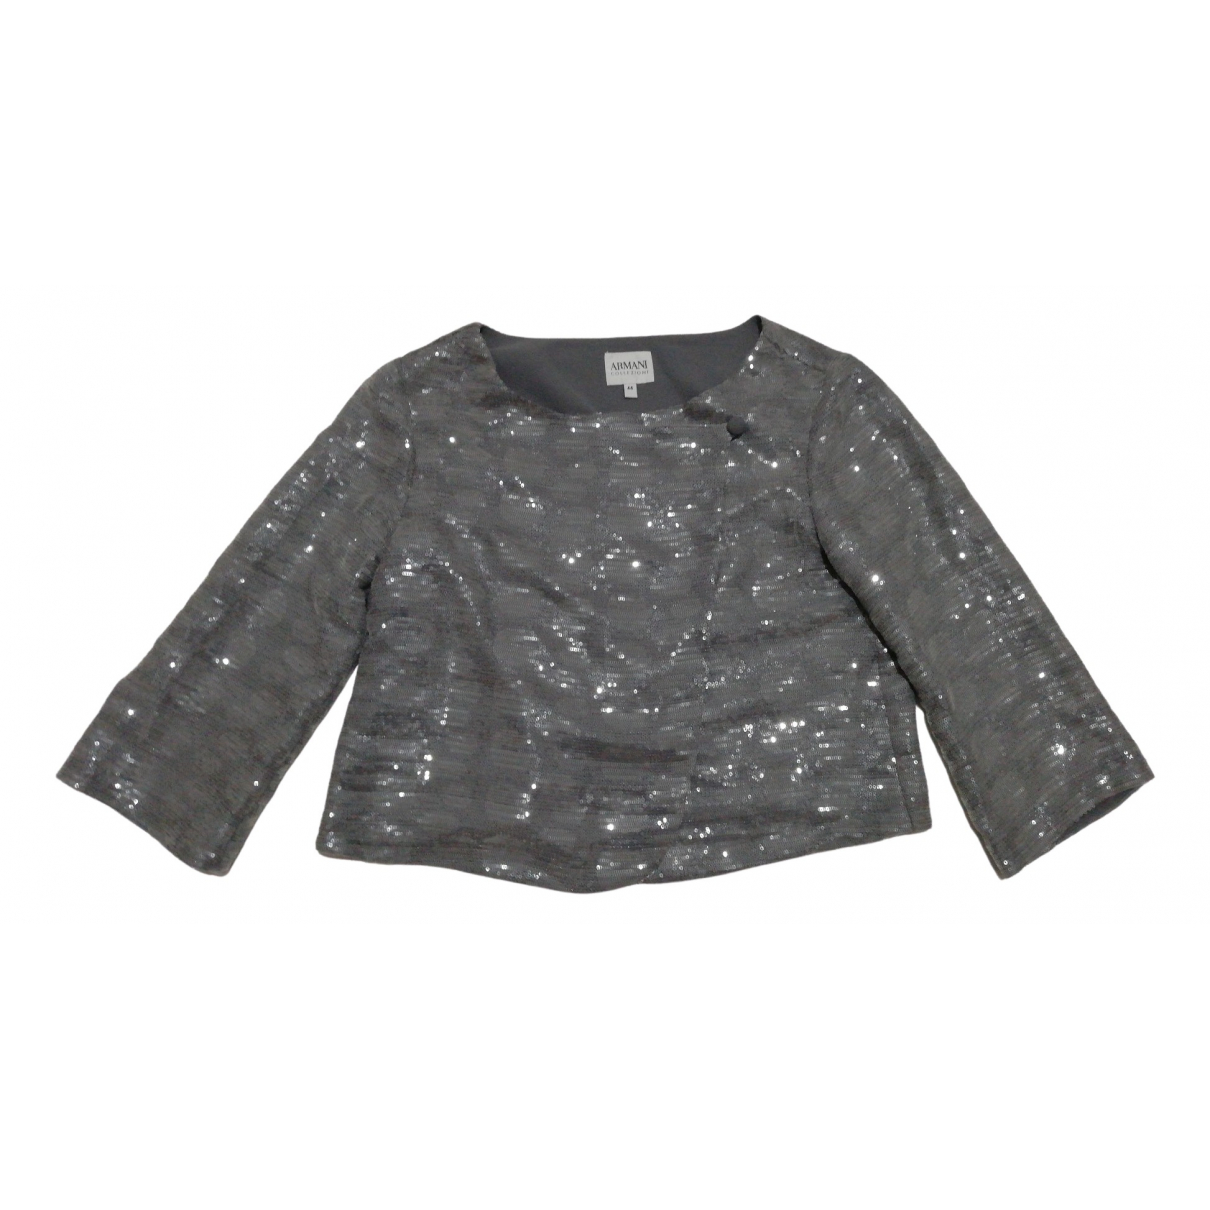 Armani Collezioni - Veste   pour femme - gris